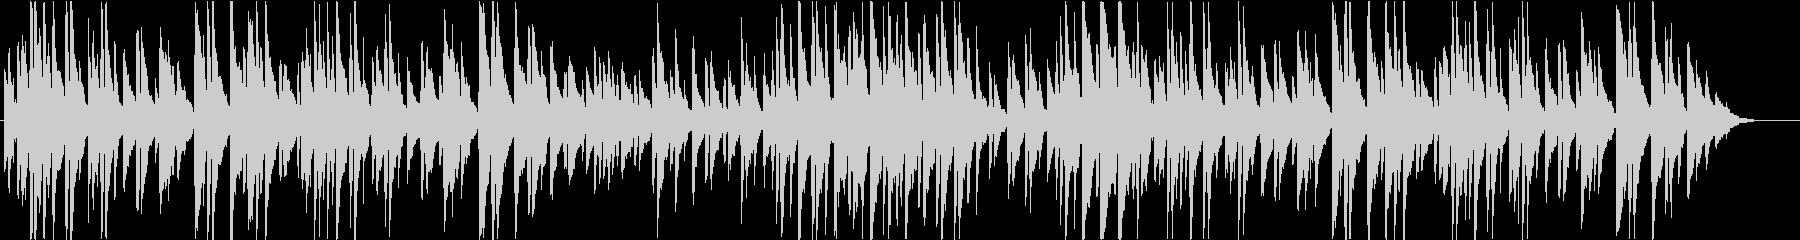 分かりやすいメロディーラインのポップスの未再生の波形